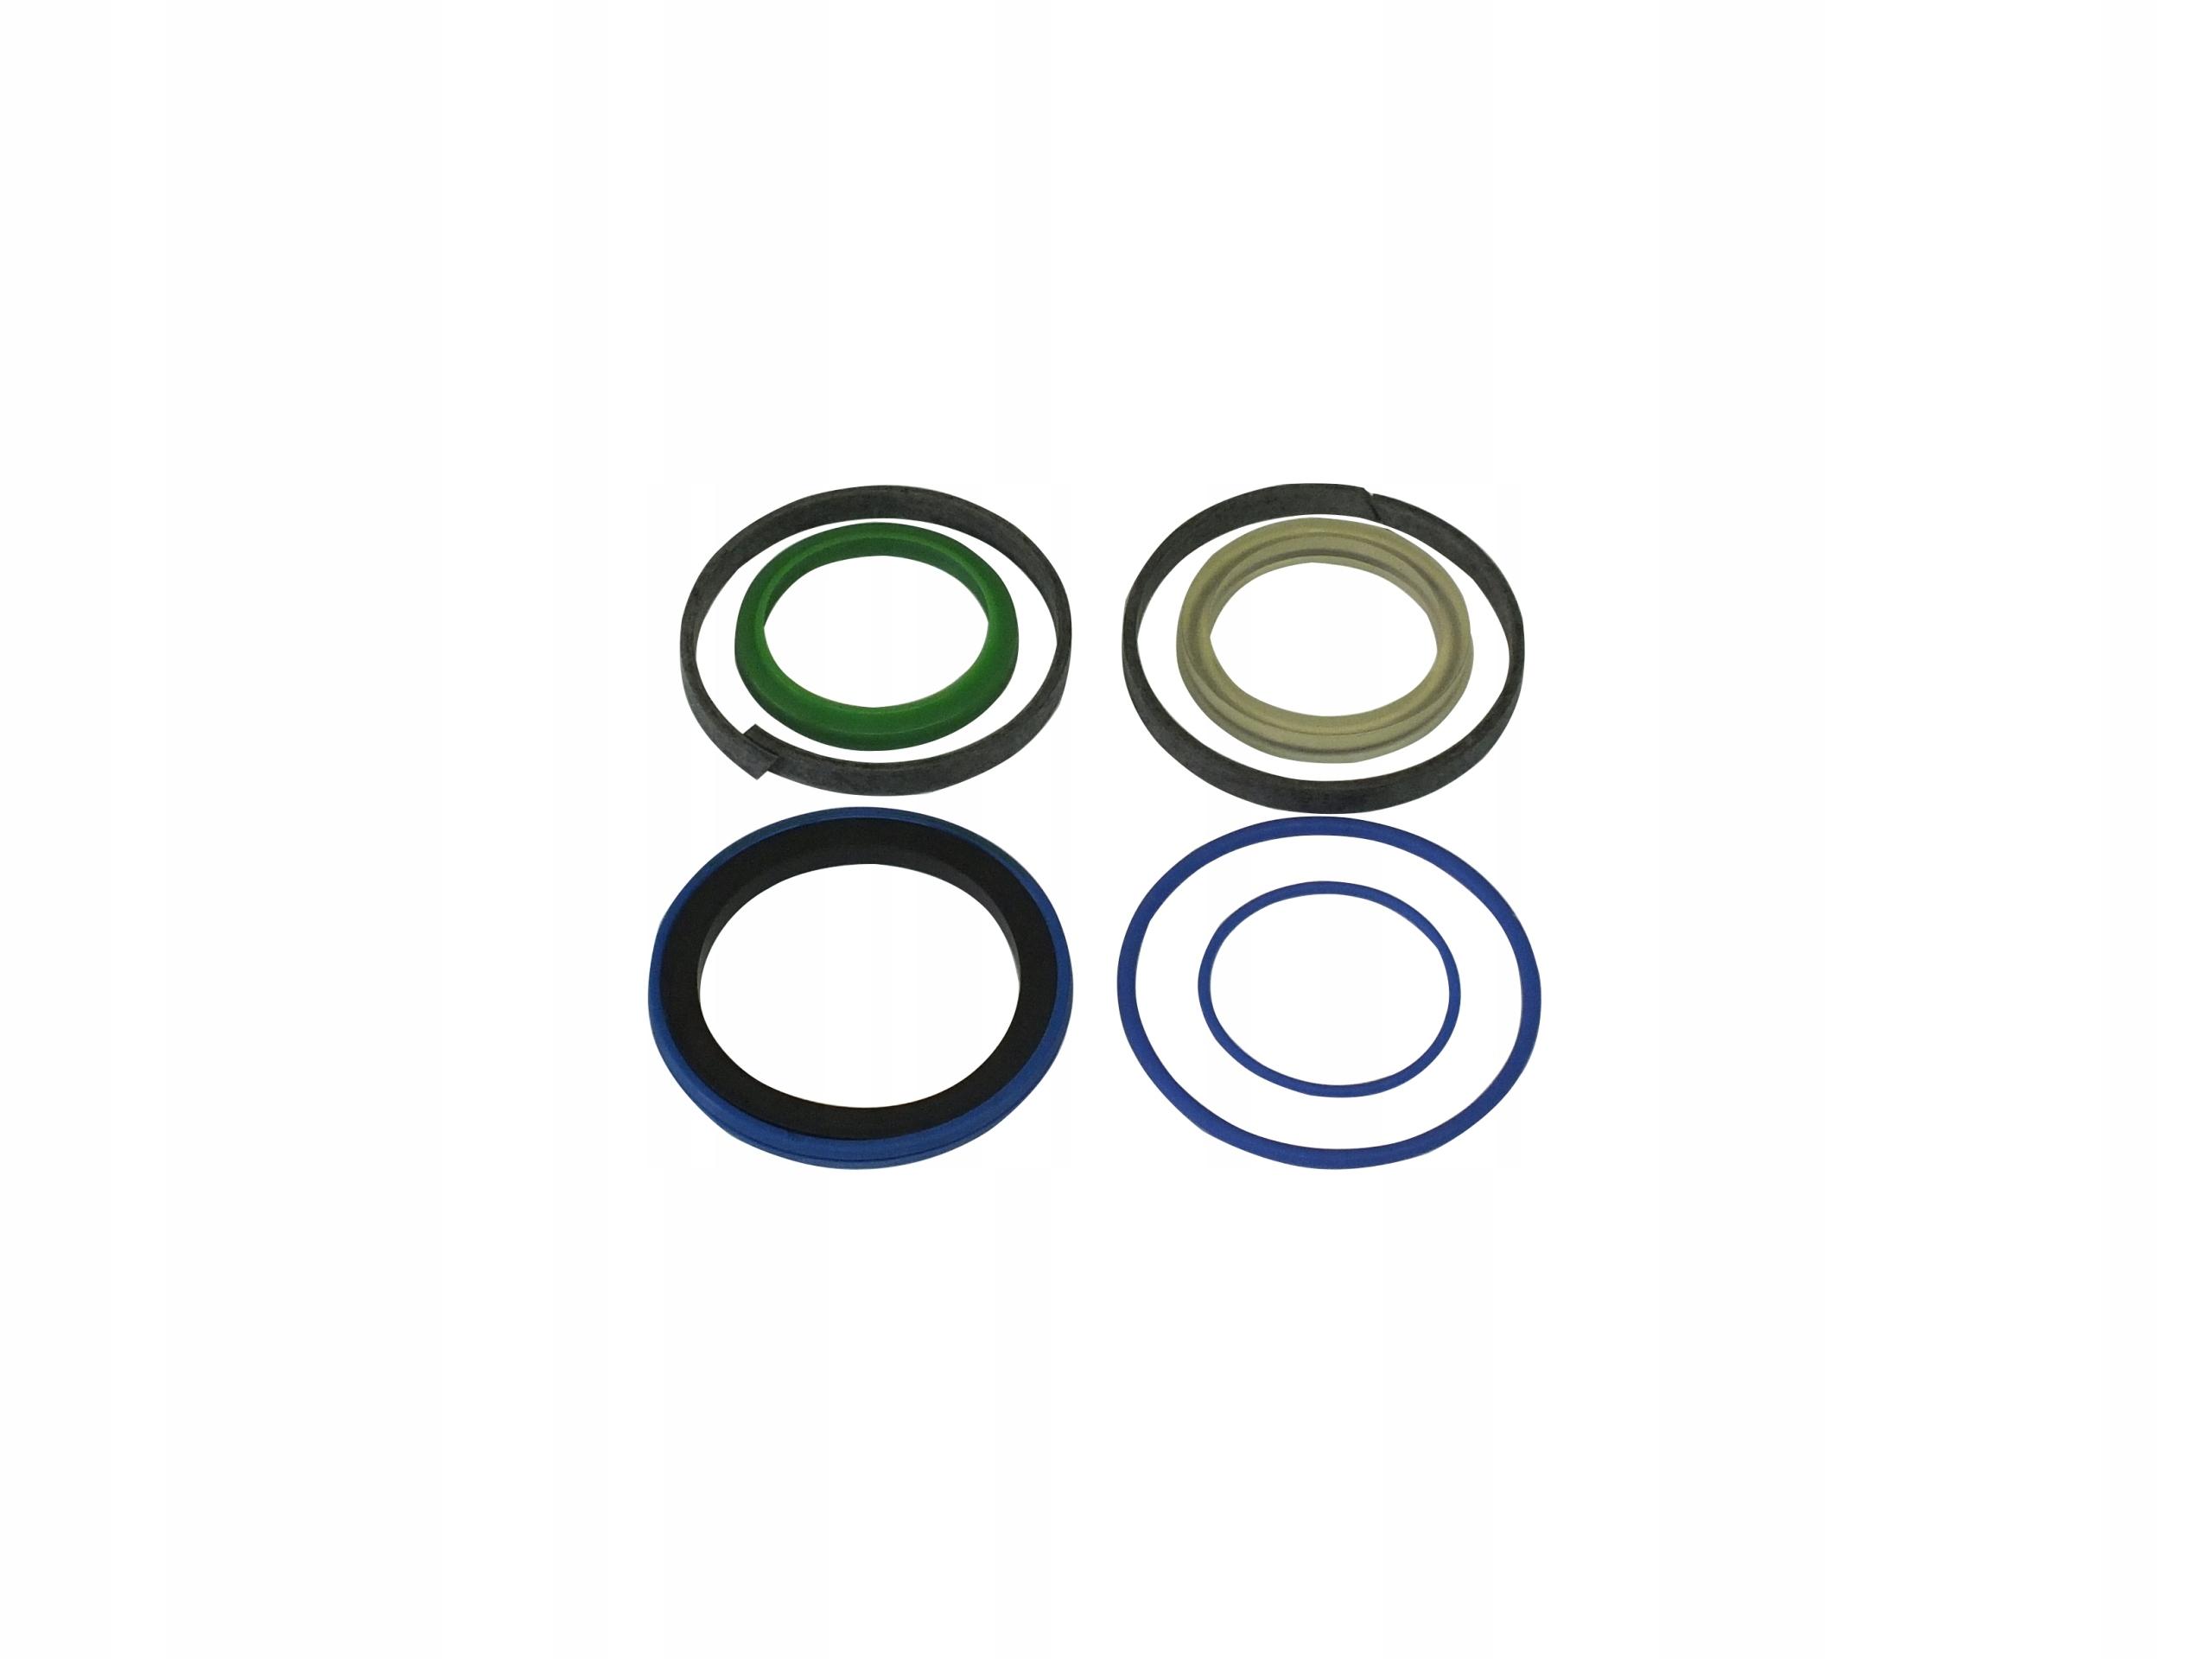 Комплект уплотнений гидроцилиндра JCB 3CX,4CX, 50x80